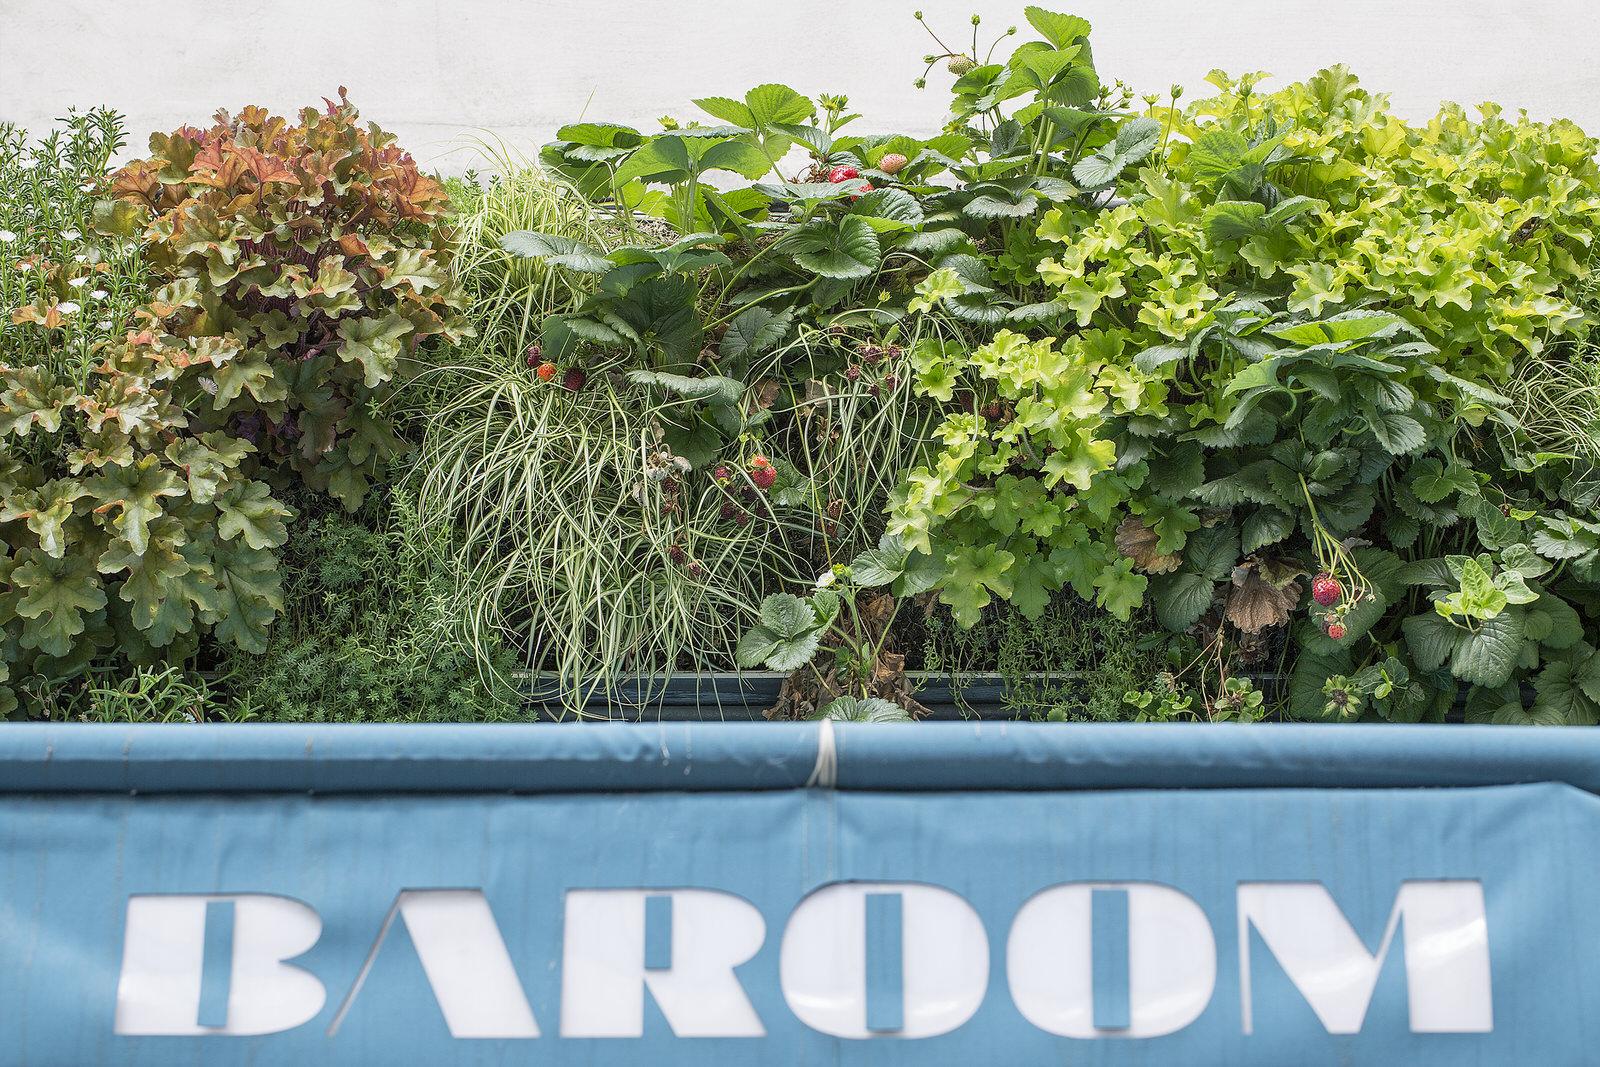 Baroom